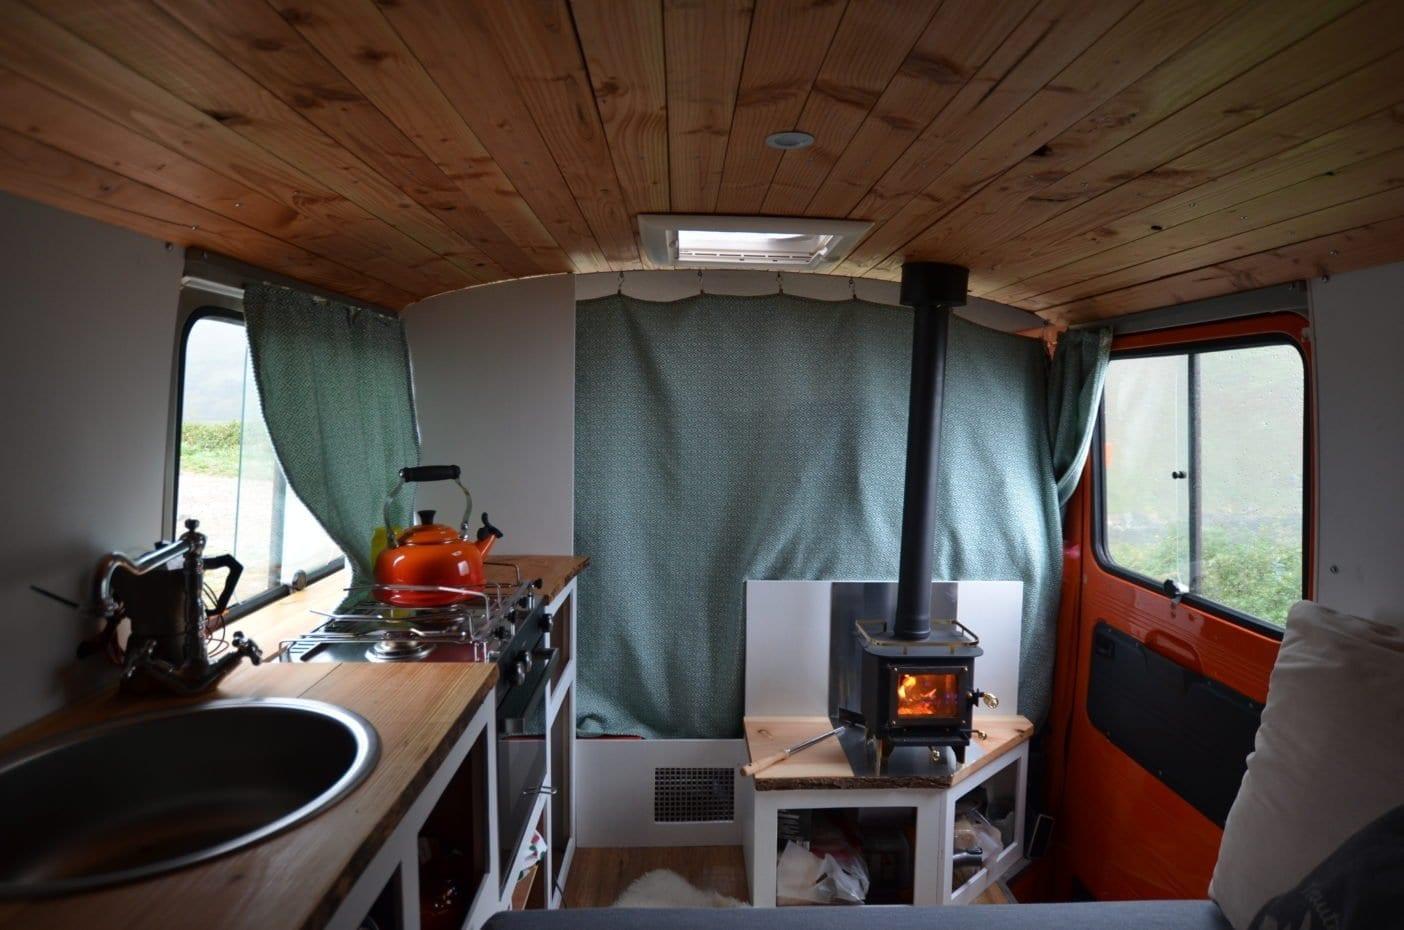 Mercedes-407d-camper-düdo-leergewicht-wohnmobil-strand-meer-freistehen-küche-camperofen-innenausbau